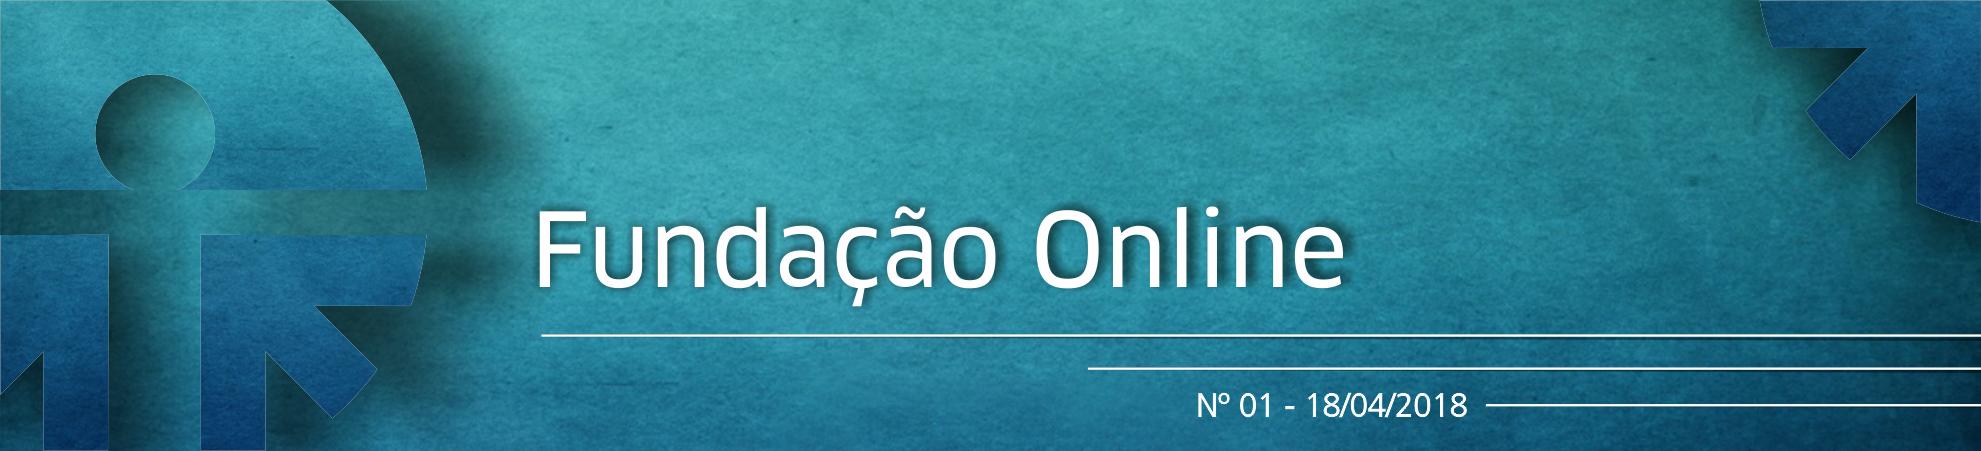 cabecalho online_03